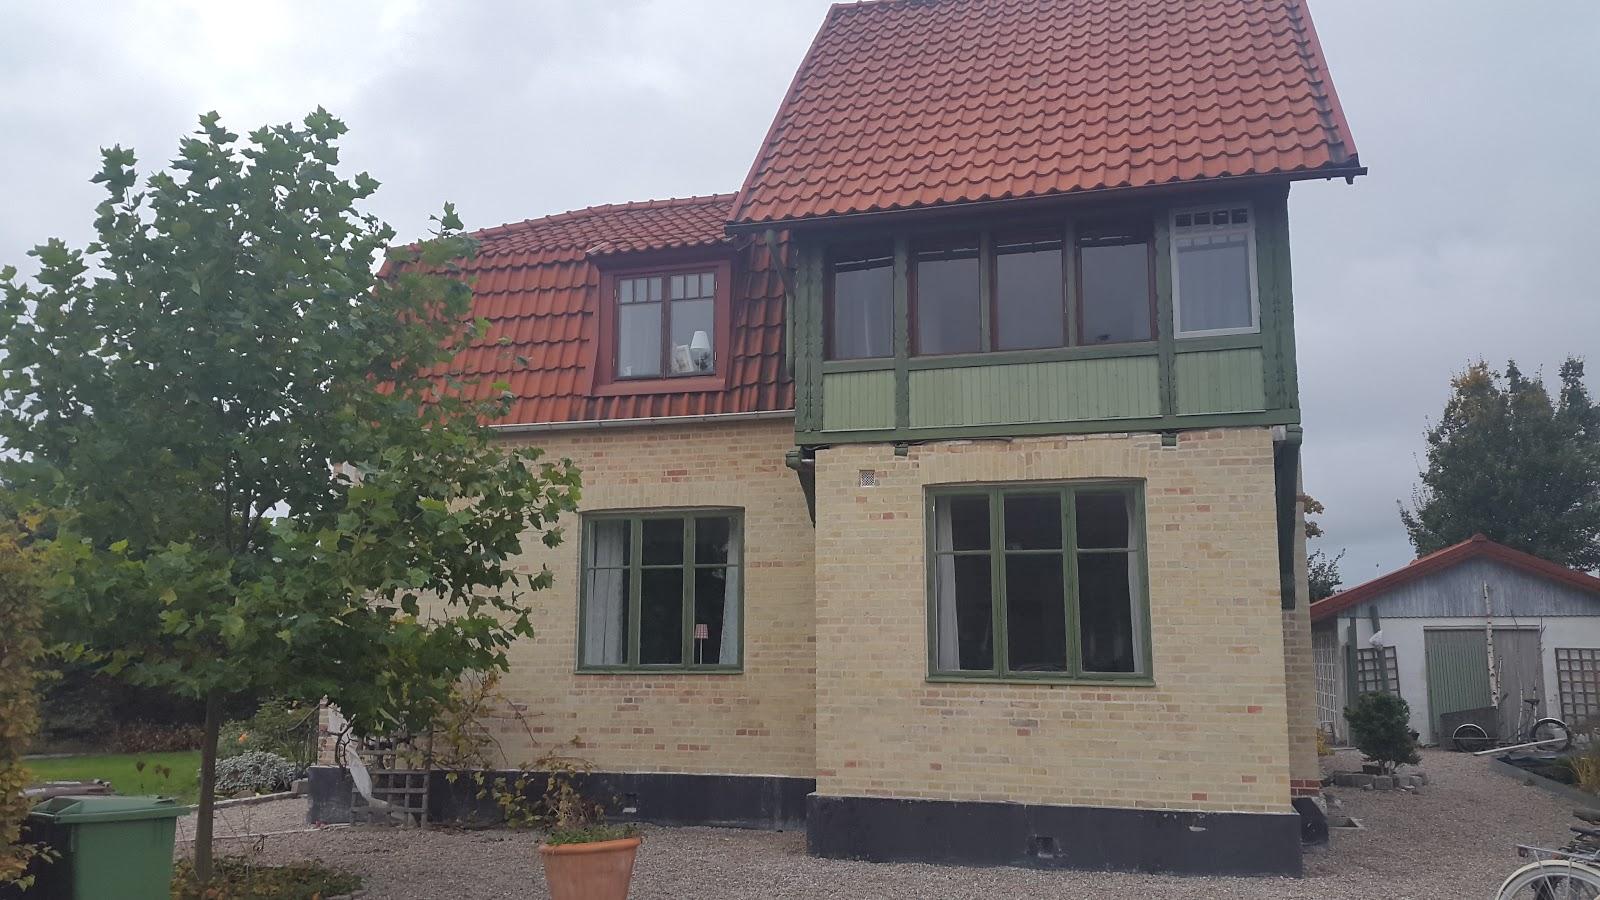 Jugendhuset: Topiary, topiary min älskade!